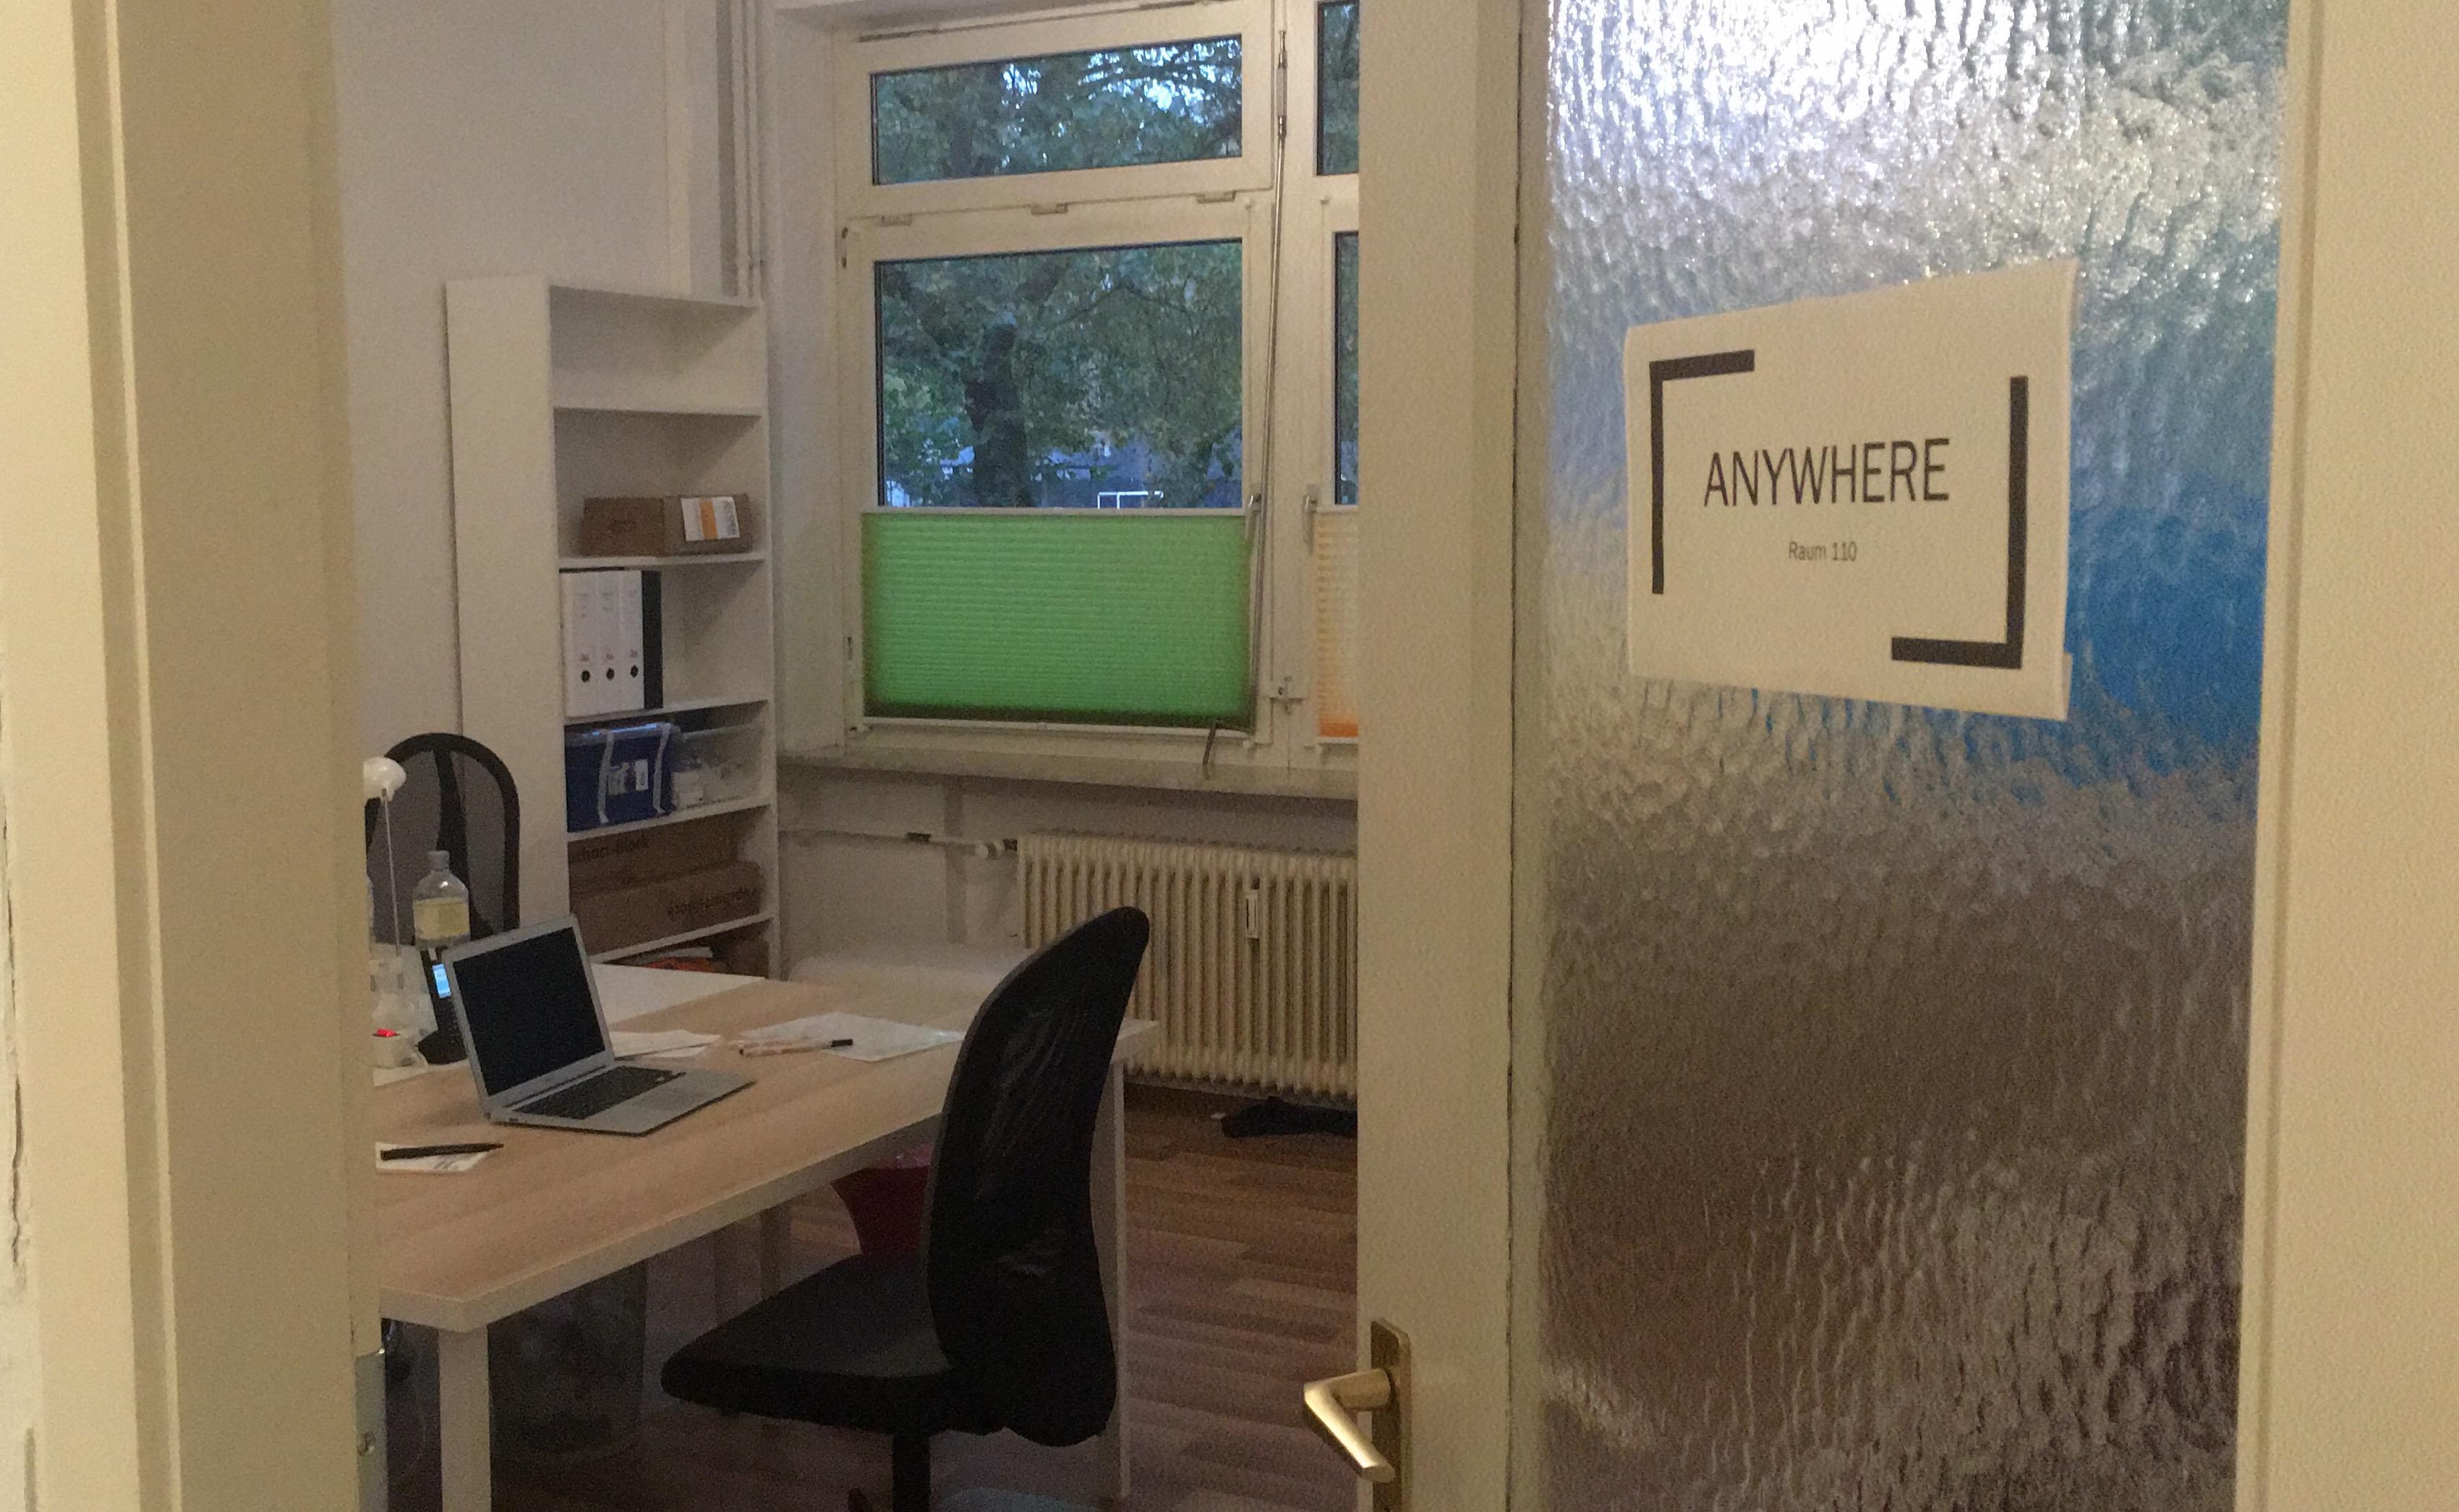 """Es gibt keinen Raum namens """"Anywhere"""" – woran e-learning scheitert."""